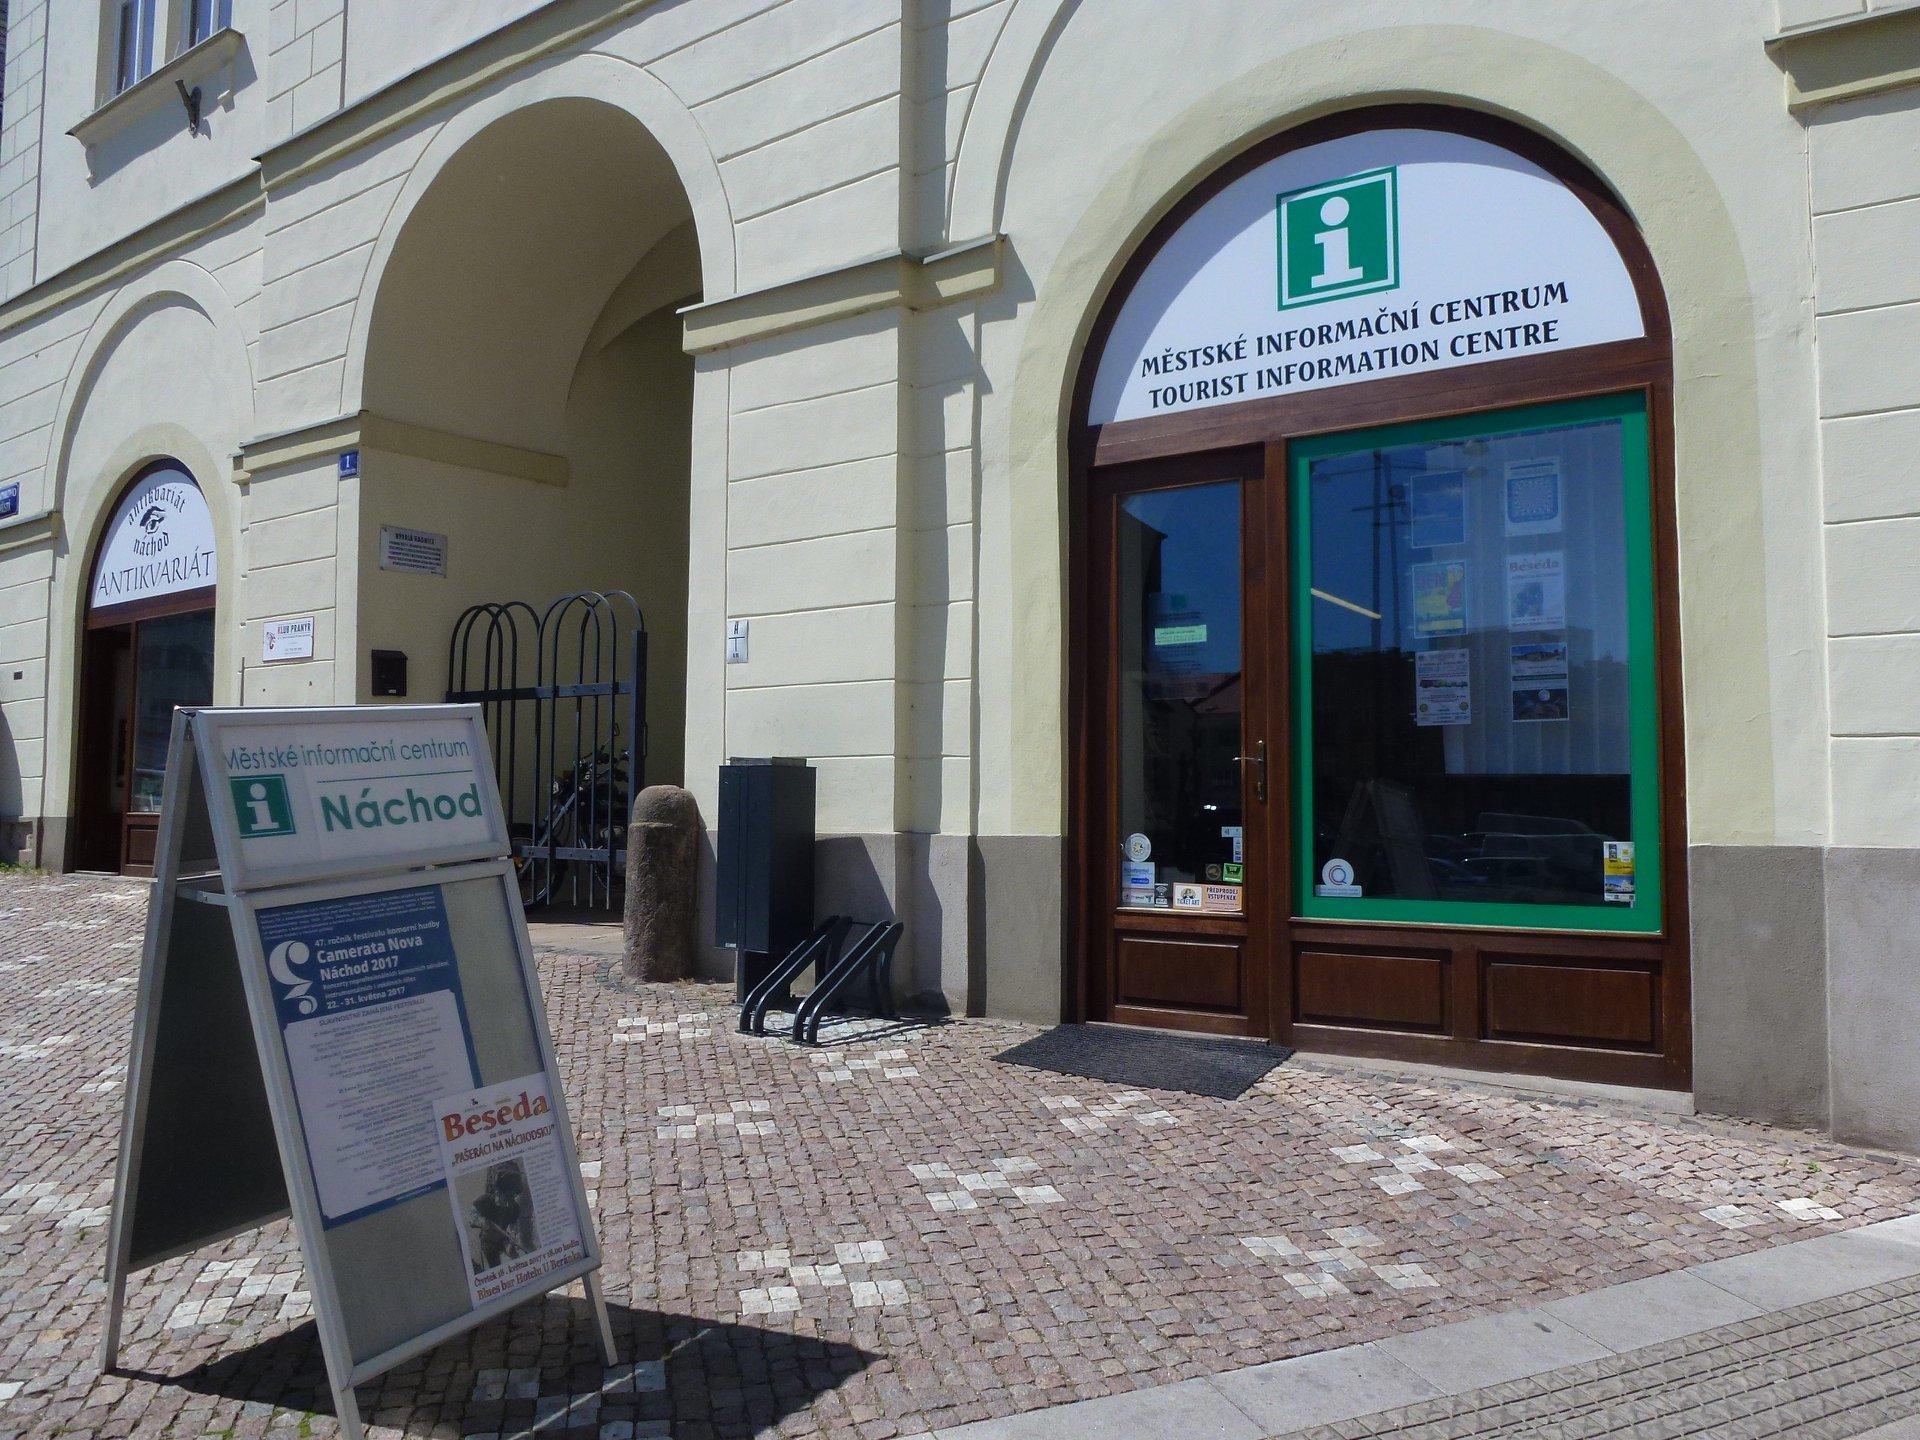 Pobočky Městského informačního centra Náchod do odvolání uzavřeny